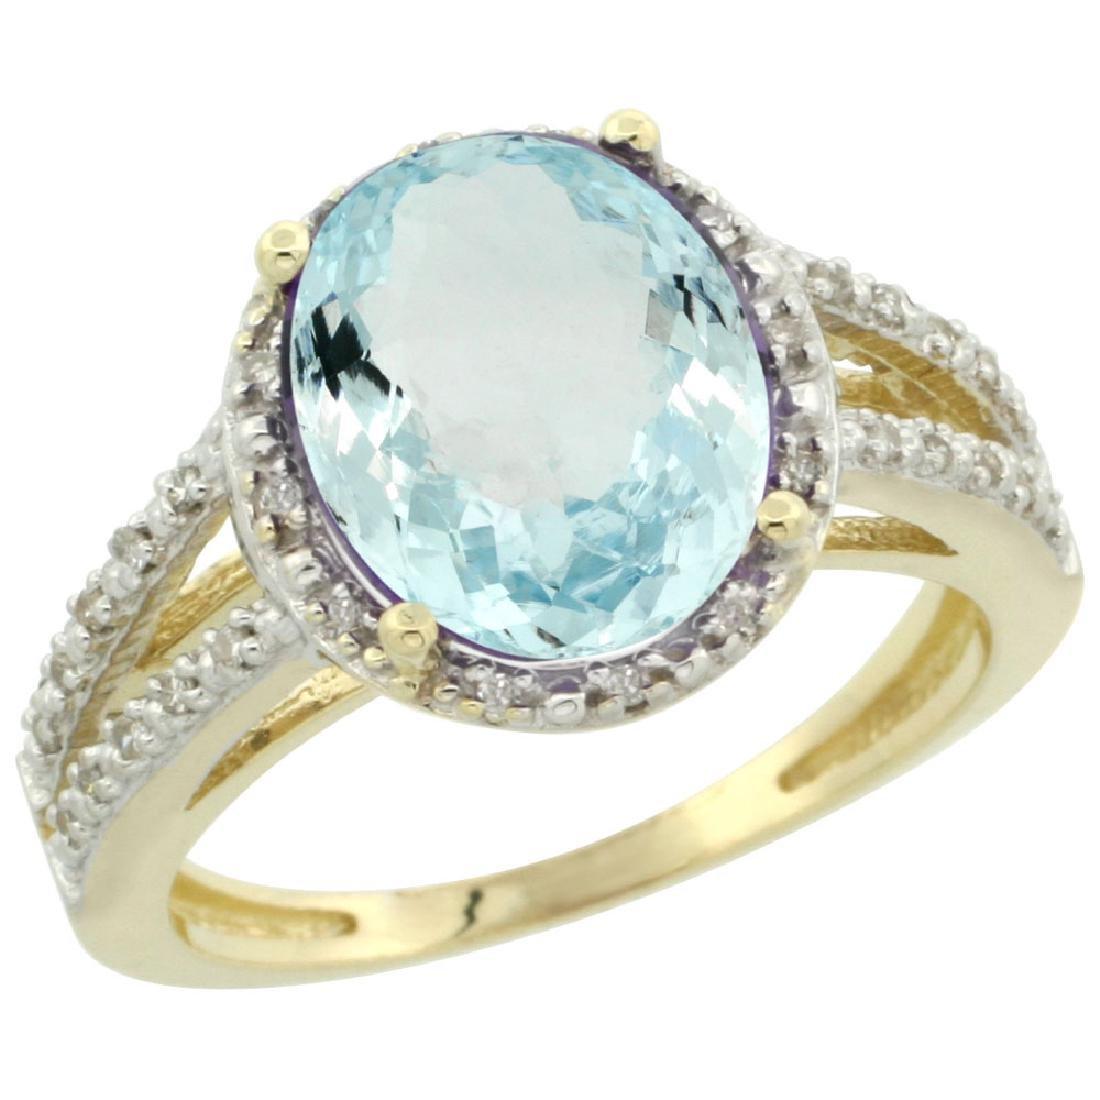 Natural 3.09 ctw Aquamarine & Diamond Engagement Ring